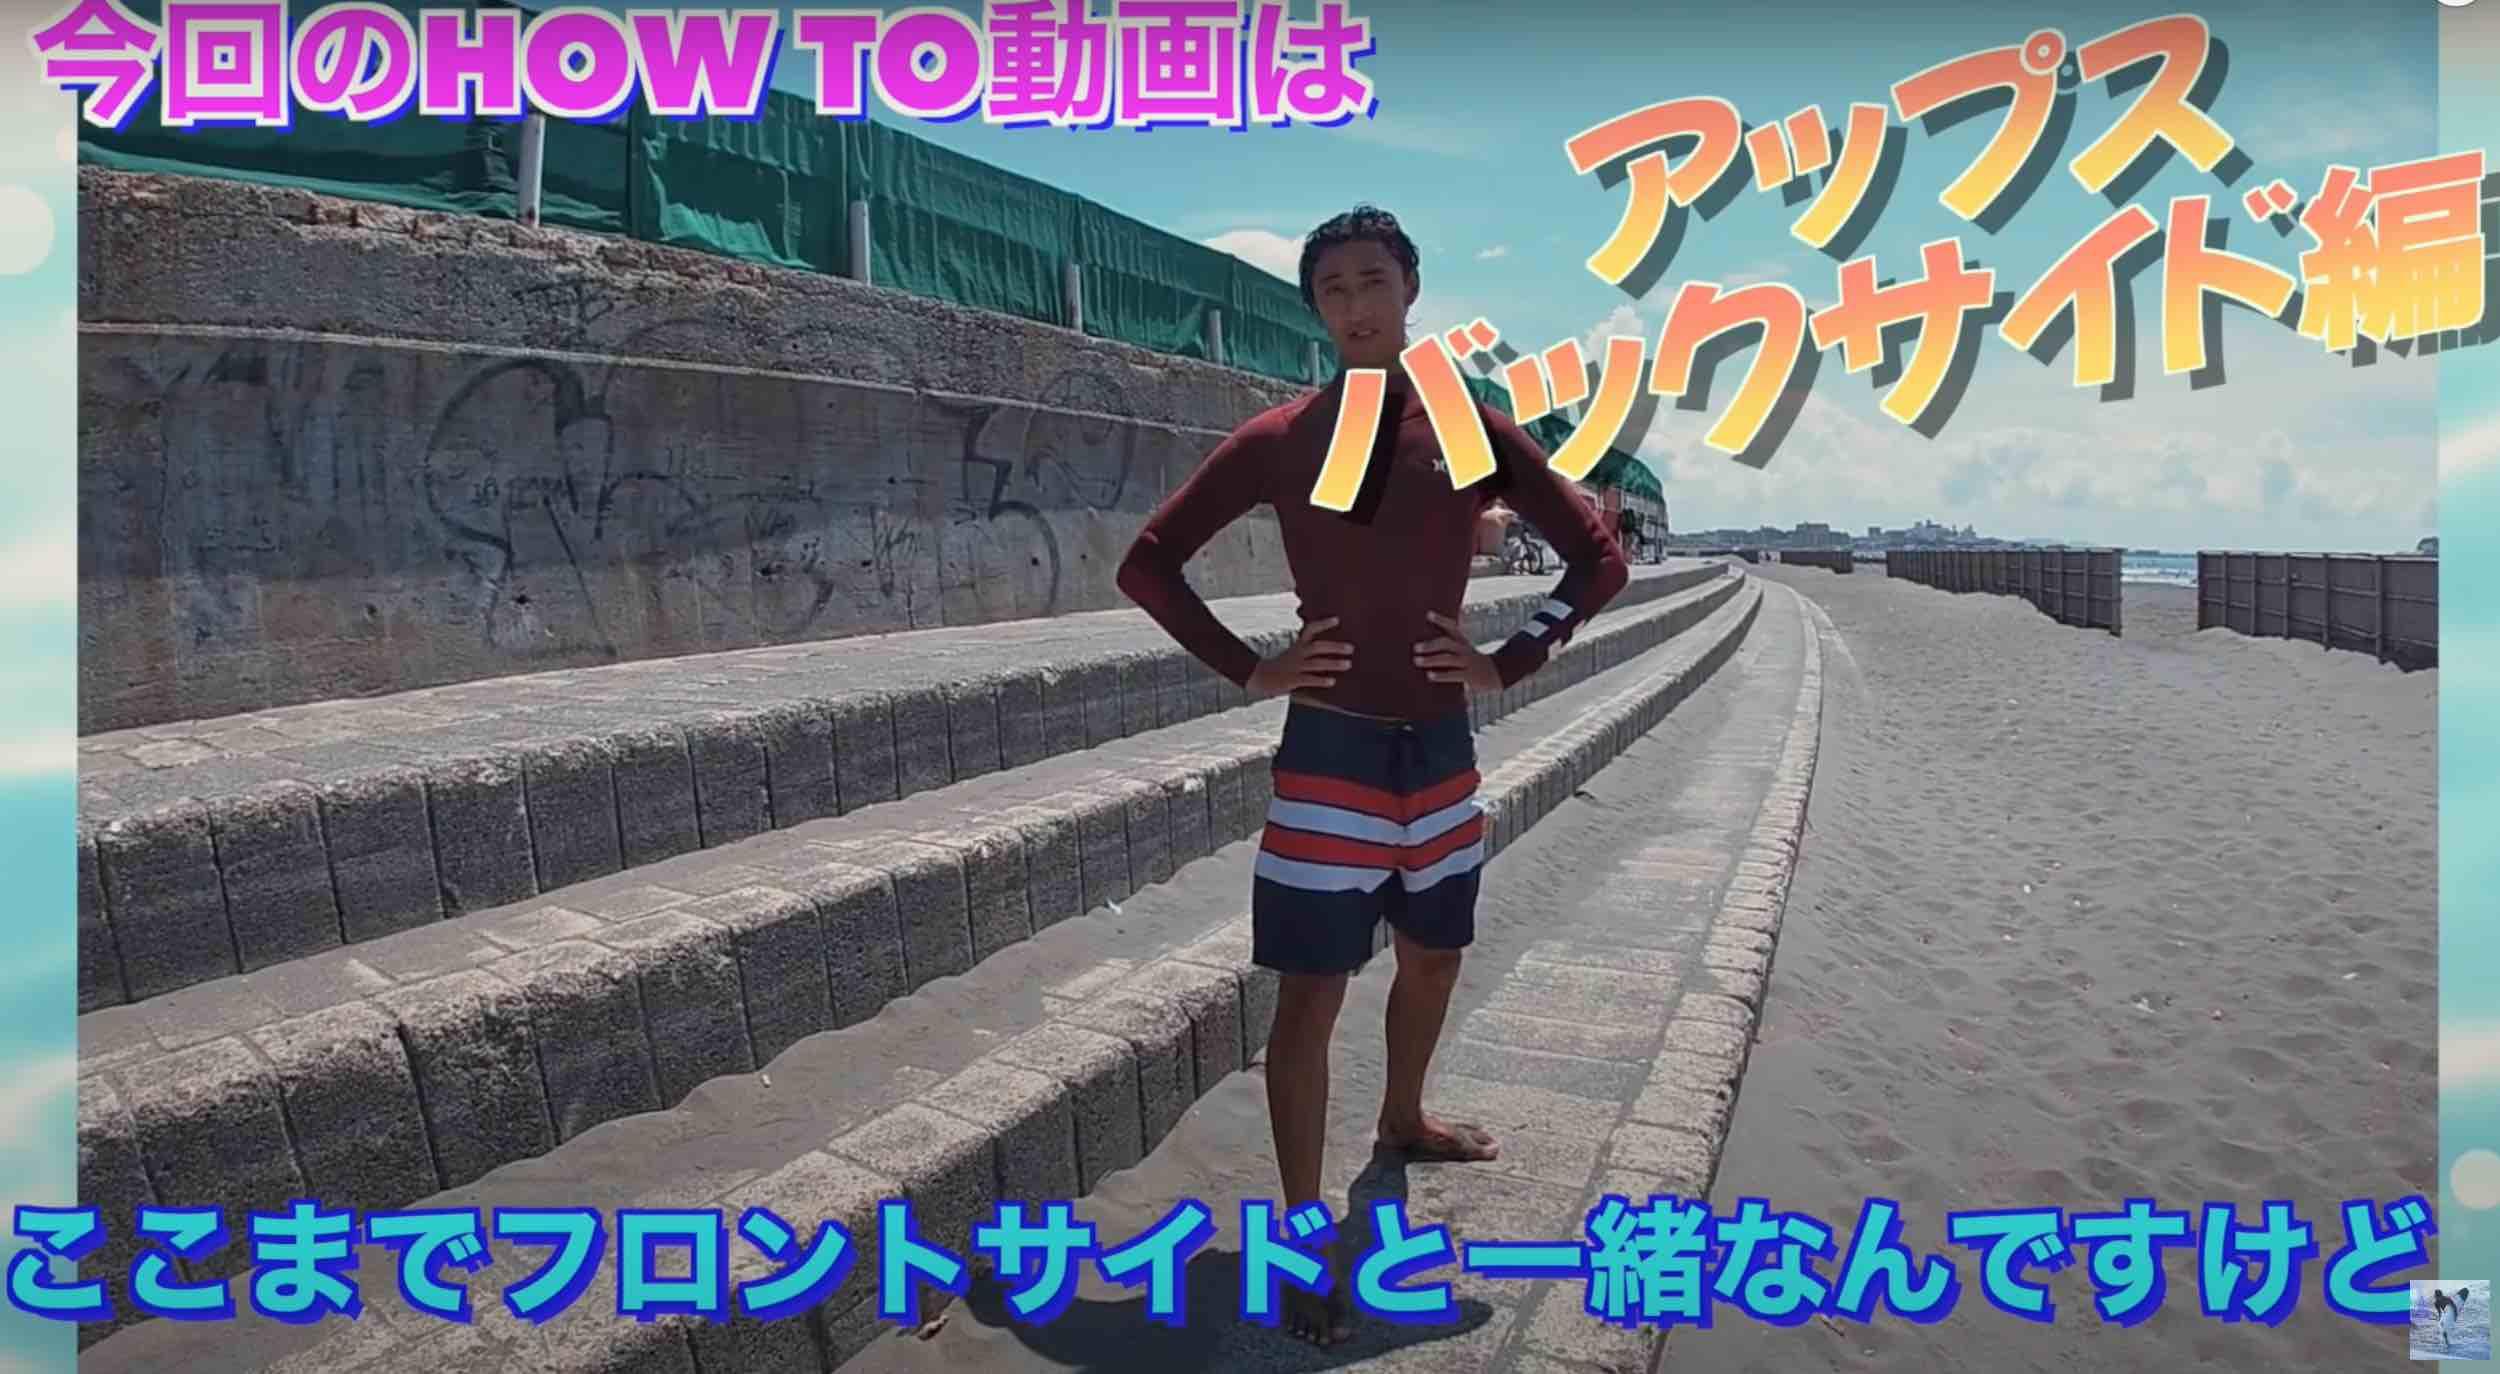 【How to】バックサイドが苦手!?な人は必見! 河村海沙が教えるバックサイドのアップスダウンに必要な〇〇とは!?